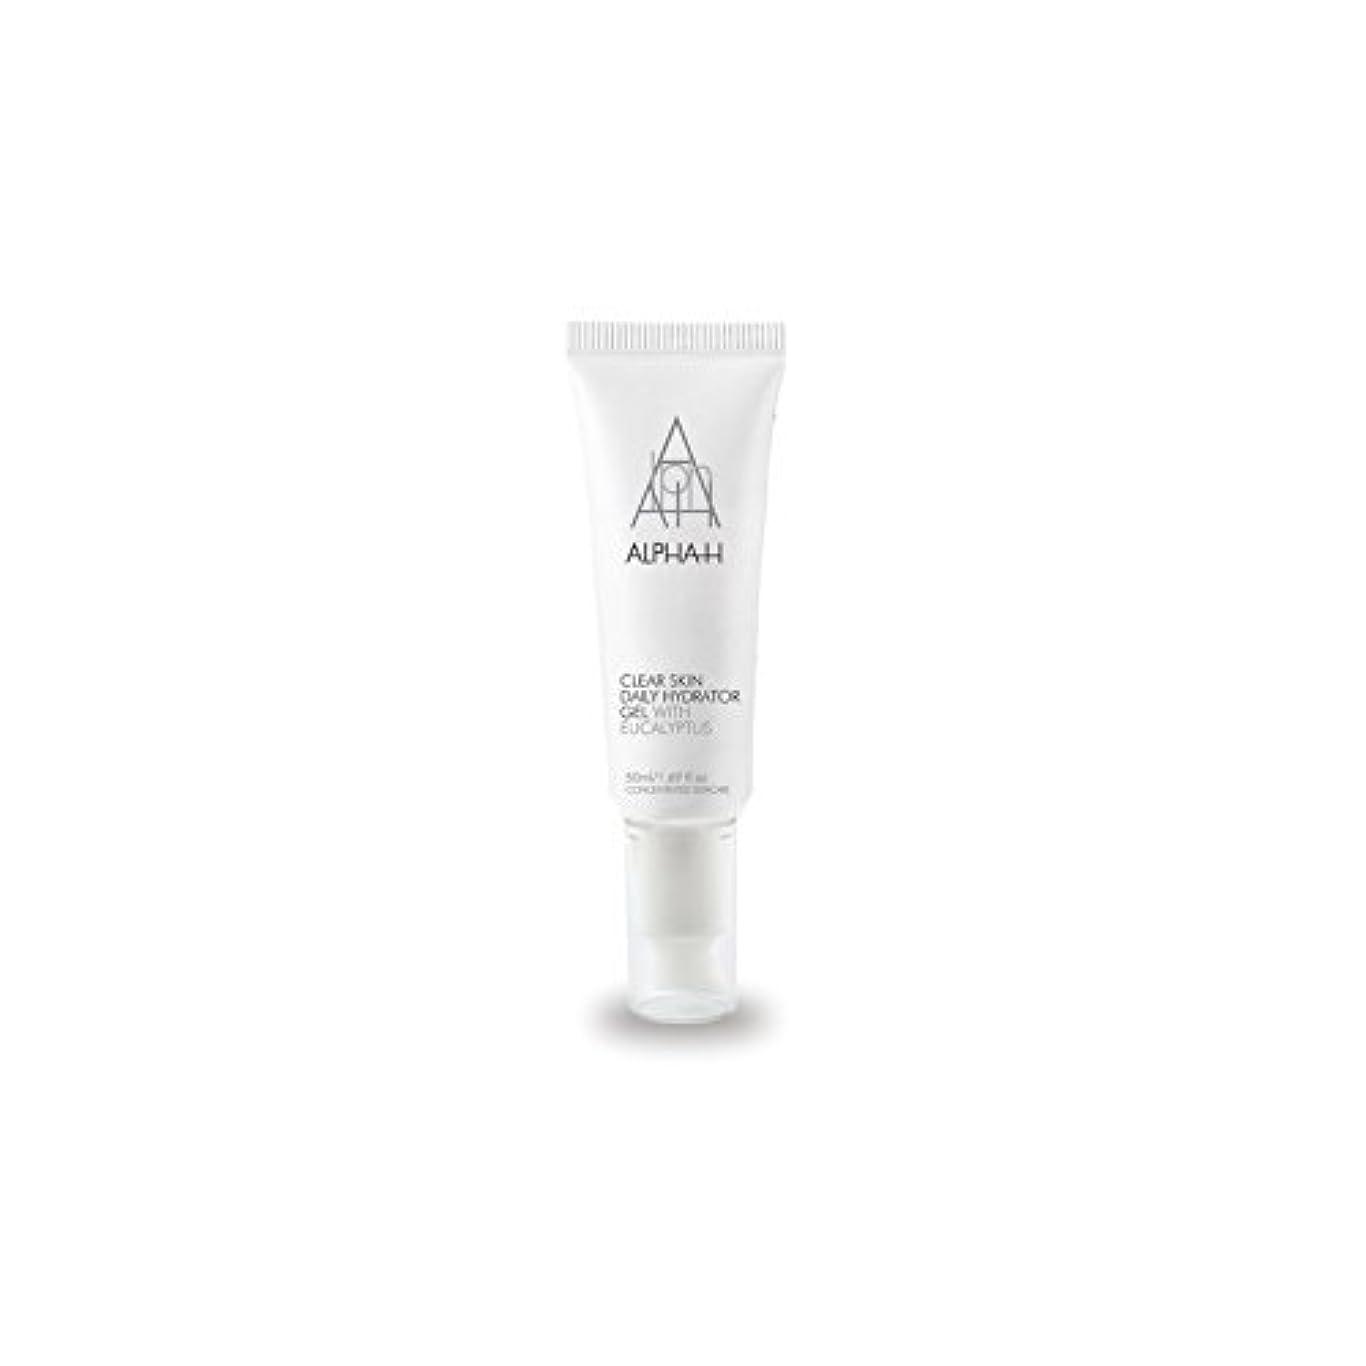 四政治的エアコンアルファクリア皮膚毎日ハイドレーターゲル(50)中 x4 - Alpha-H Clear Skin Daily Hydrator Gel (50ml) (Pack of 4) [並行輸入品]